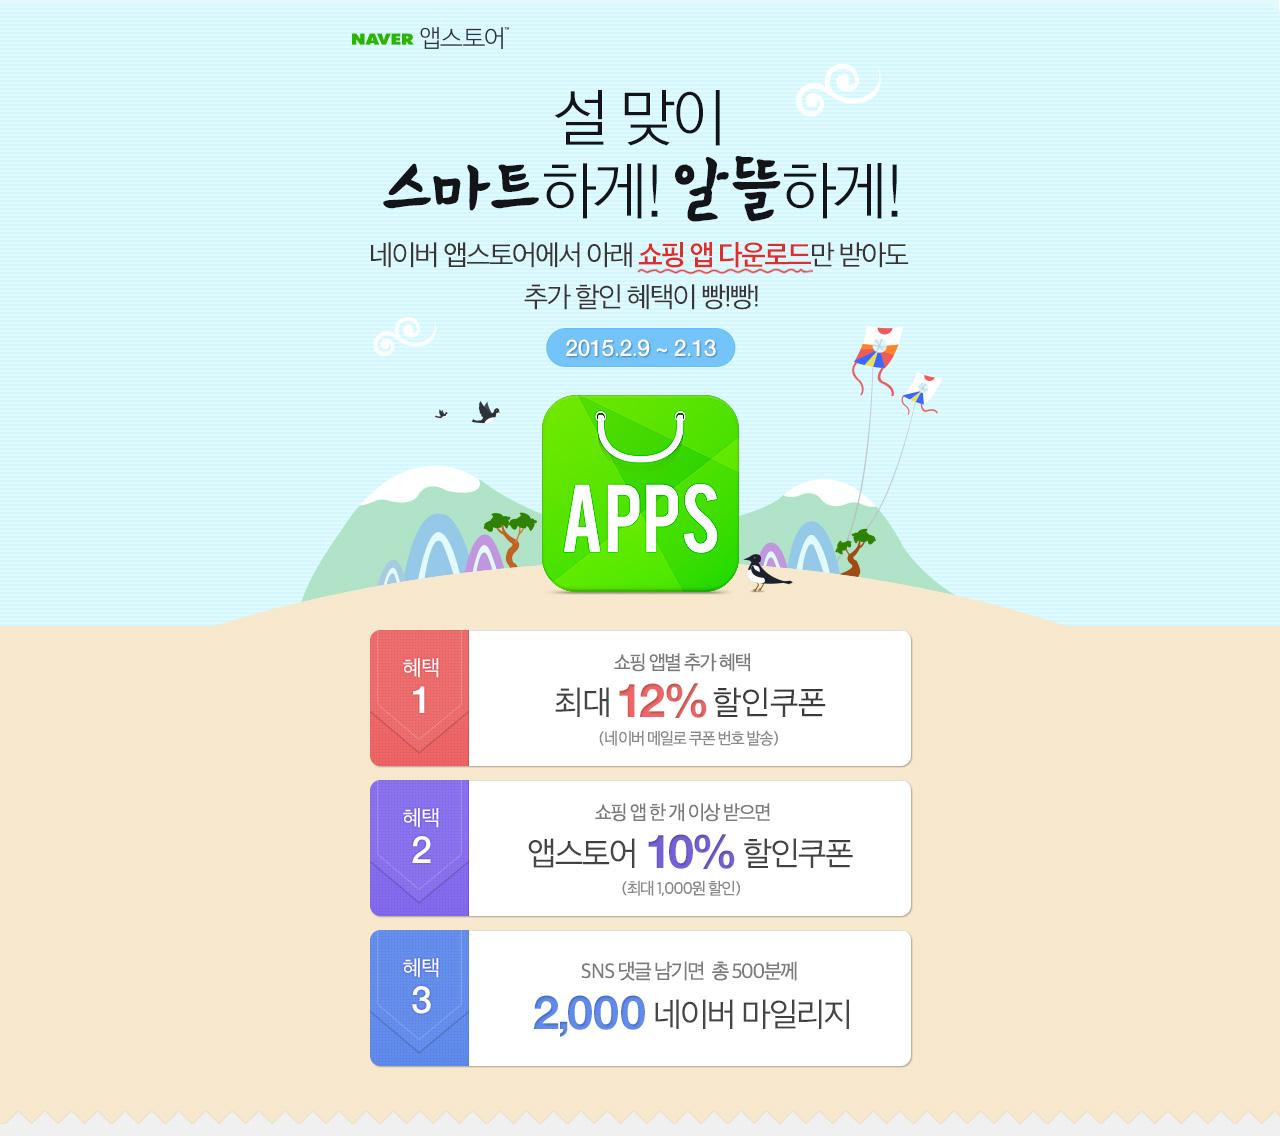 http://static.naver.net/m/nstore/appstore/shoppingapp/im/bg_spot.jpg